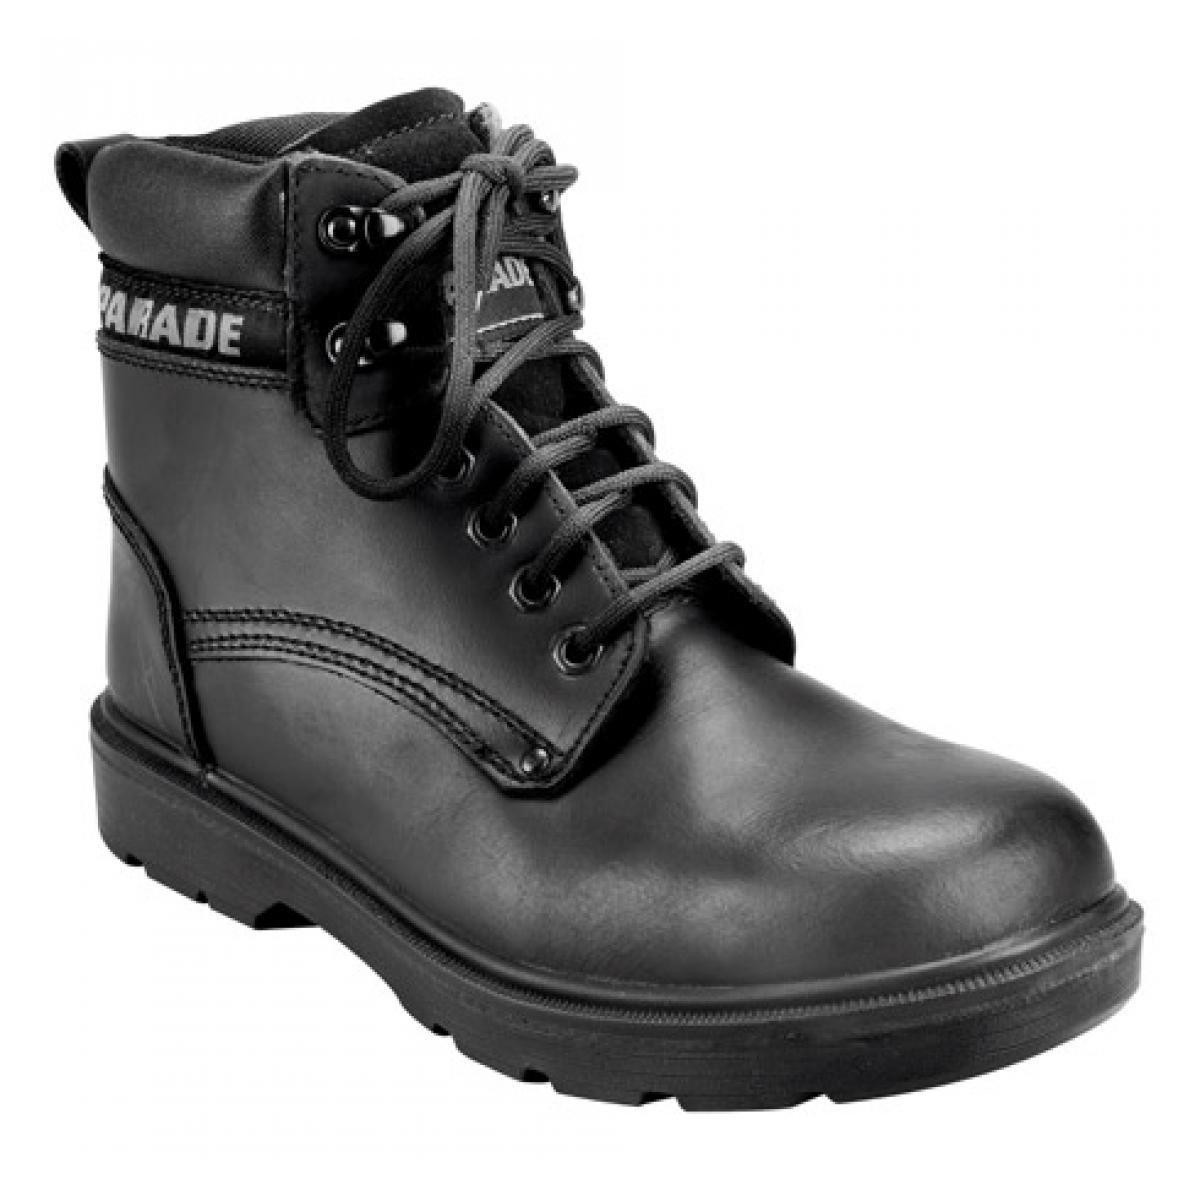 Parade Paire de chaussures brodequins Parade Kansas - noir - Pointure 40